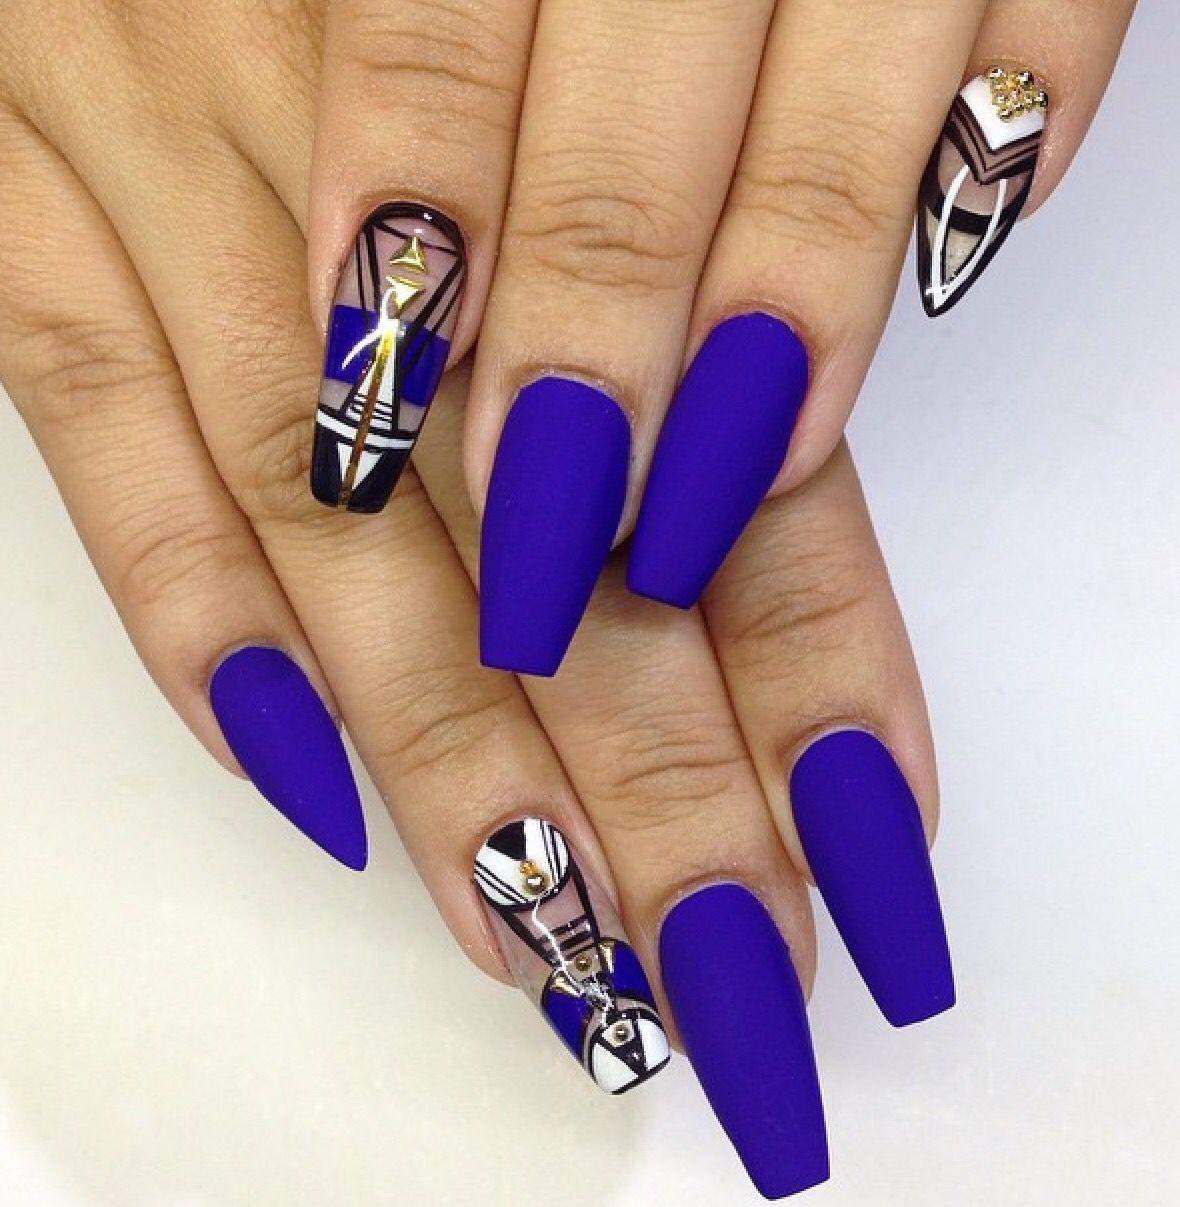 Cobalt Blue Coffin Nails | Dream nails | Pinterest | Coffin nails ...